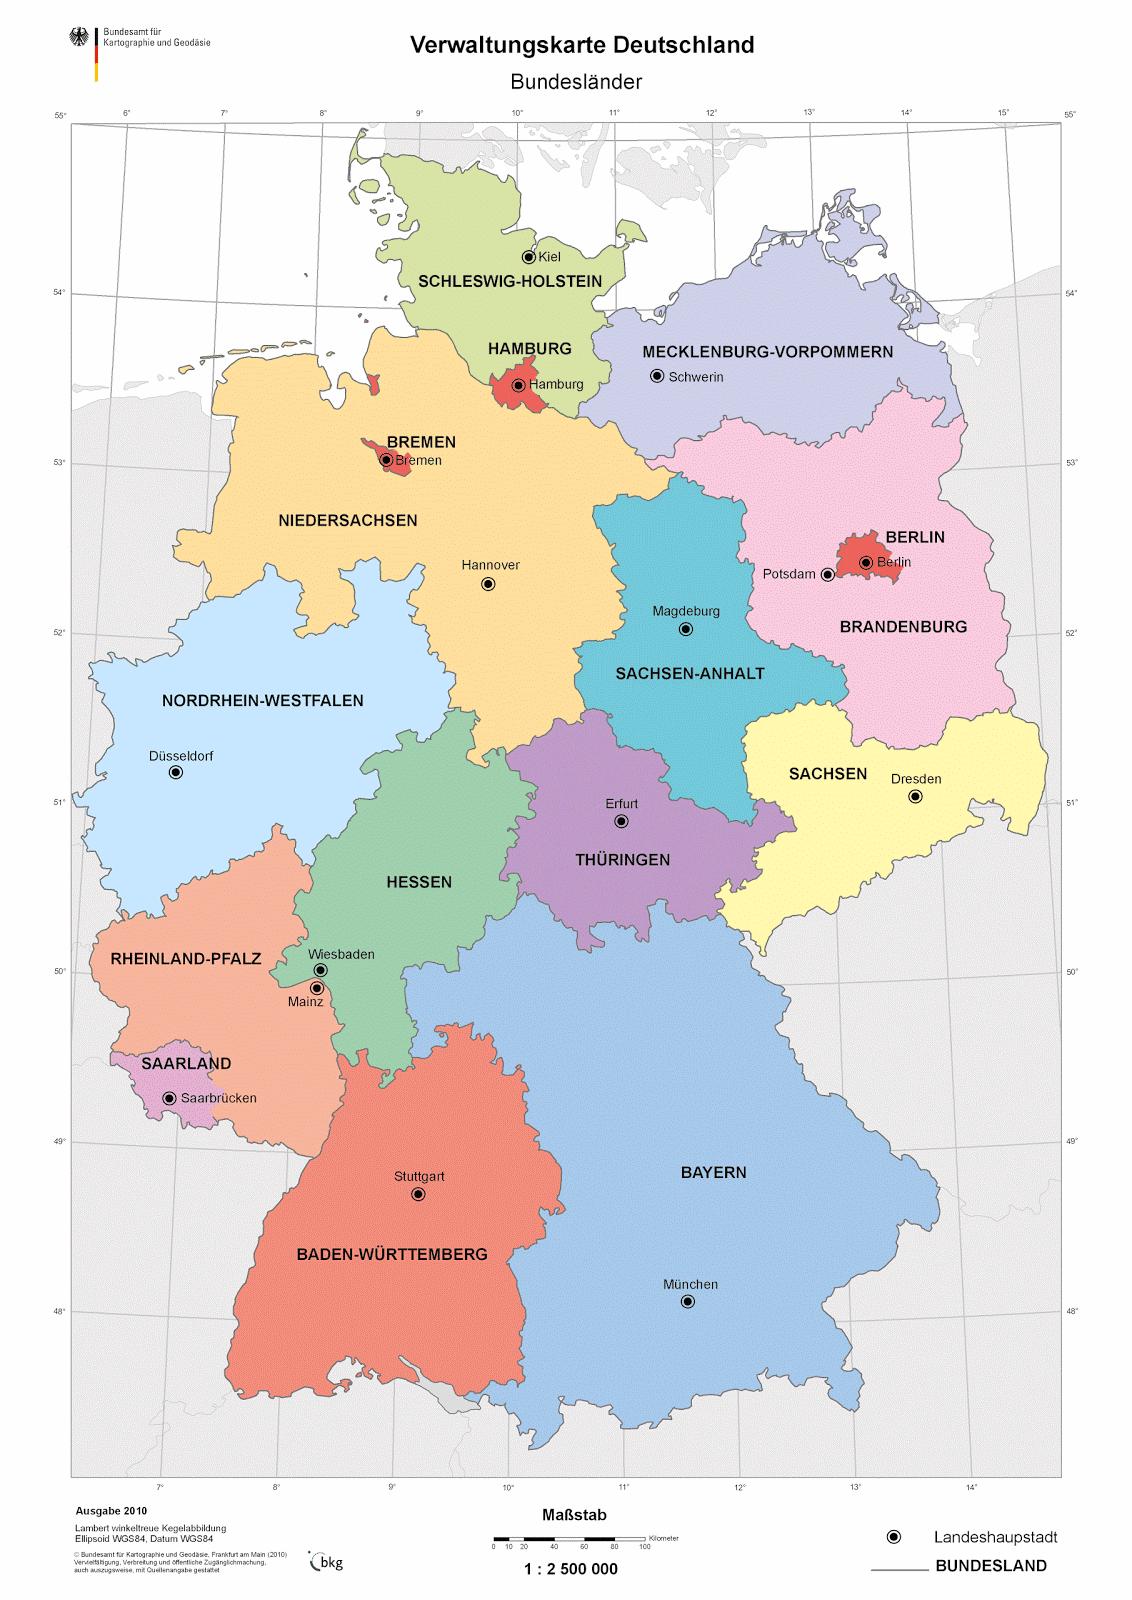 Stumme Karte Deutschland Bundesländer.Stumme Deutschlandkarte Bundesländer My Blog